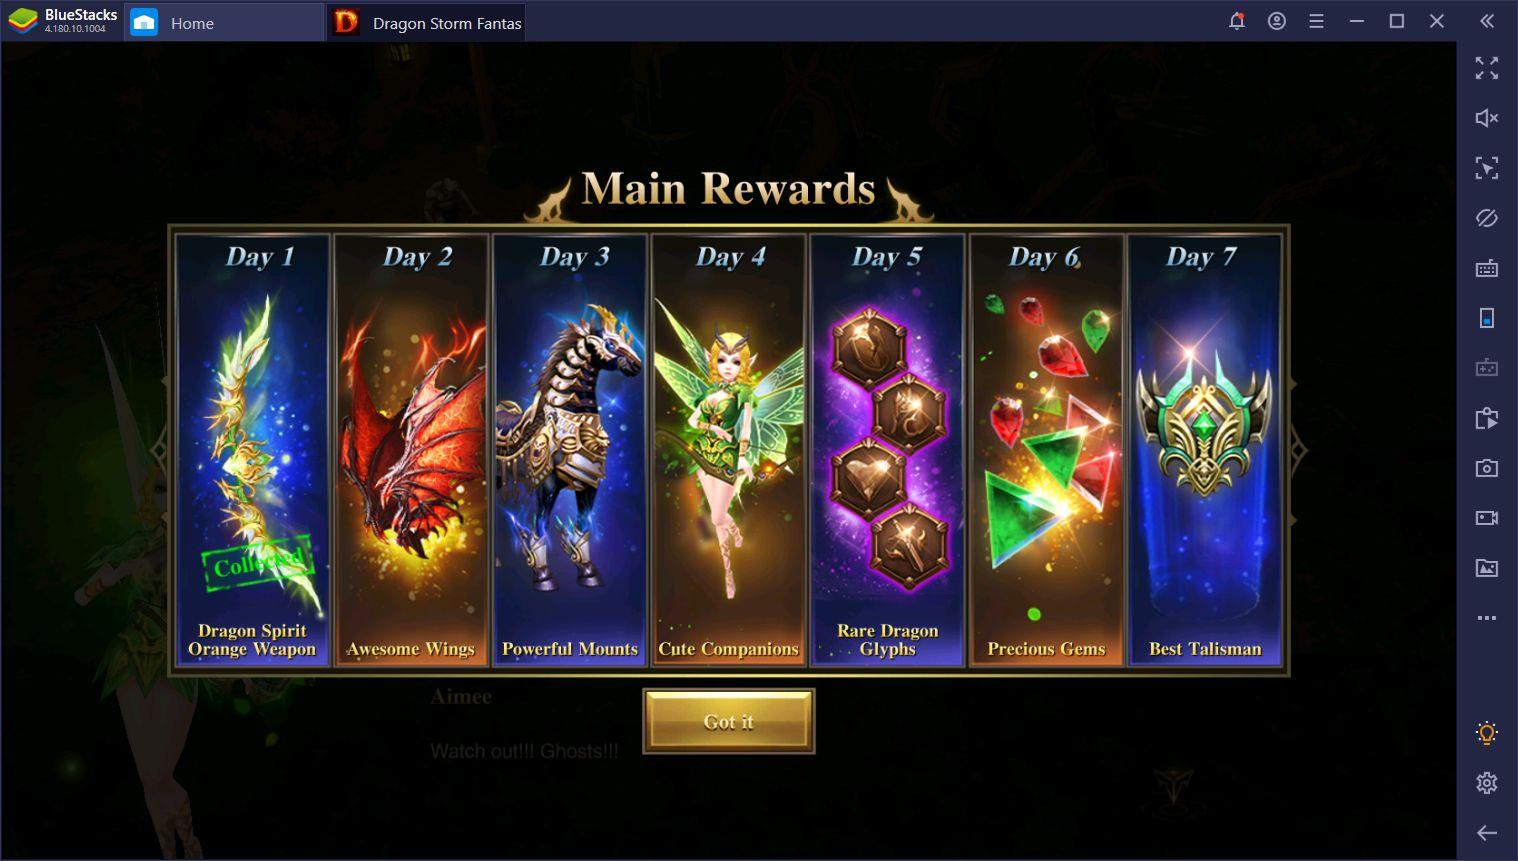 Anfänger-Leitfaden für Dragon Storm Fantasy auf dem PC